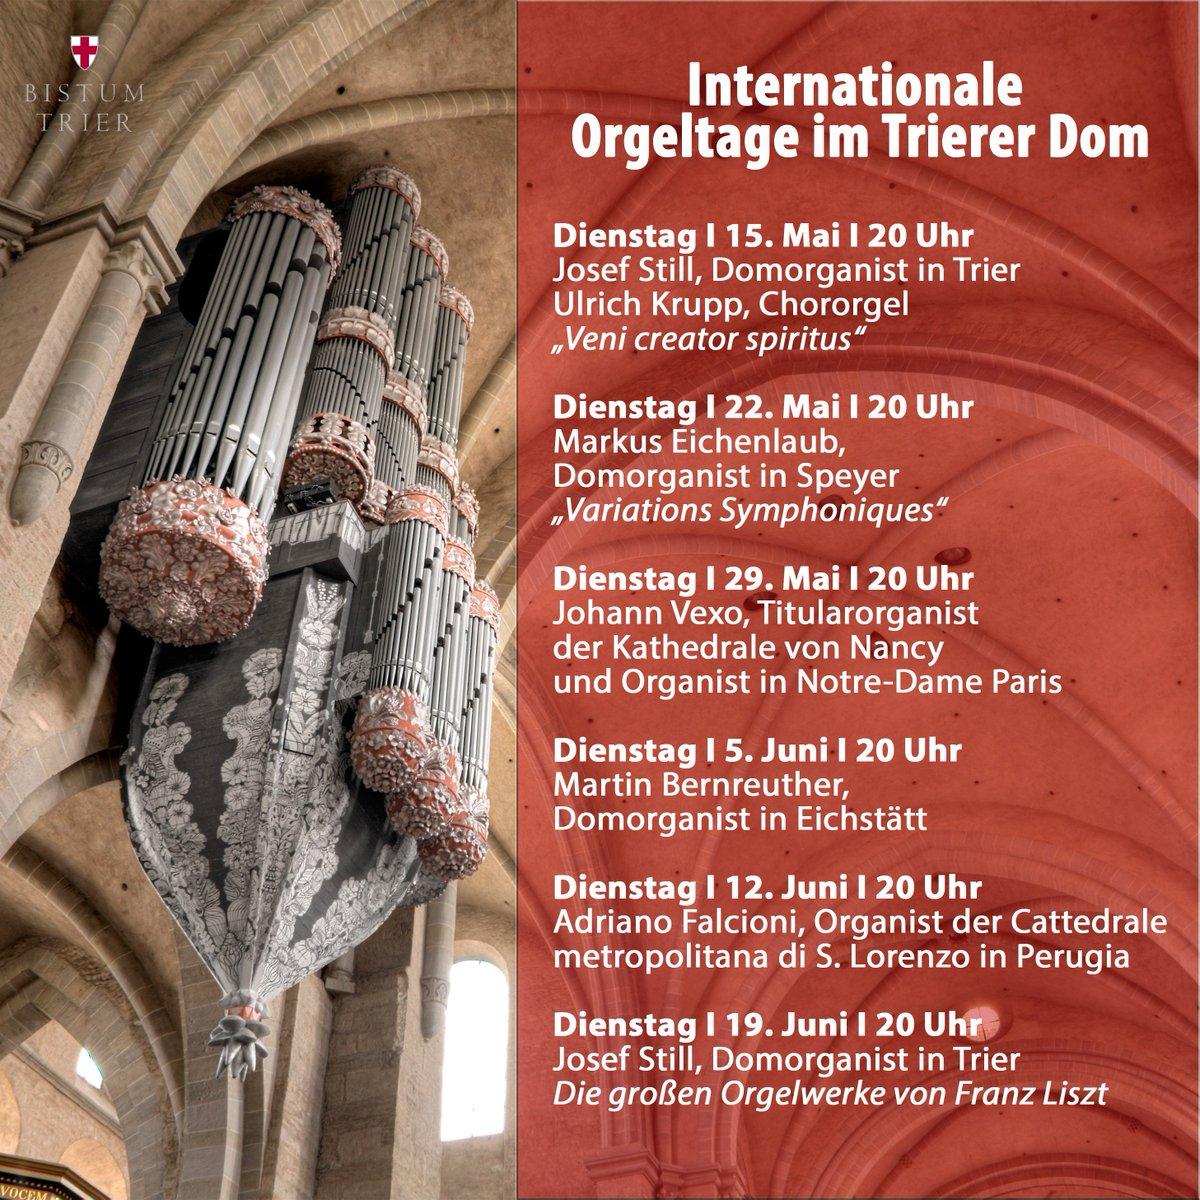 Bistum Trier Karte.Bistum Trier On Twitter Heute Beginnen Die Internationalen